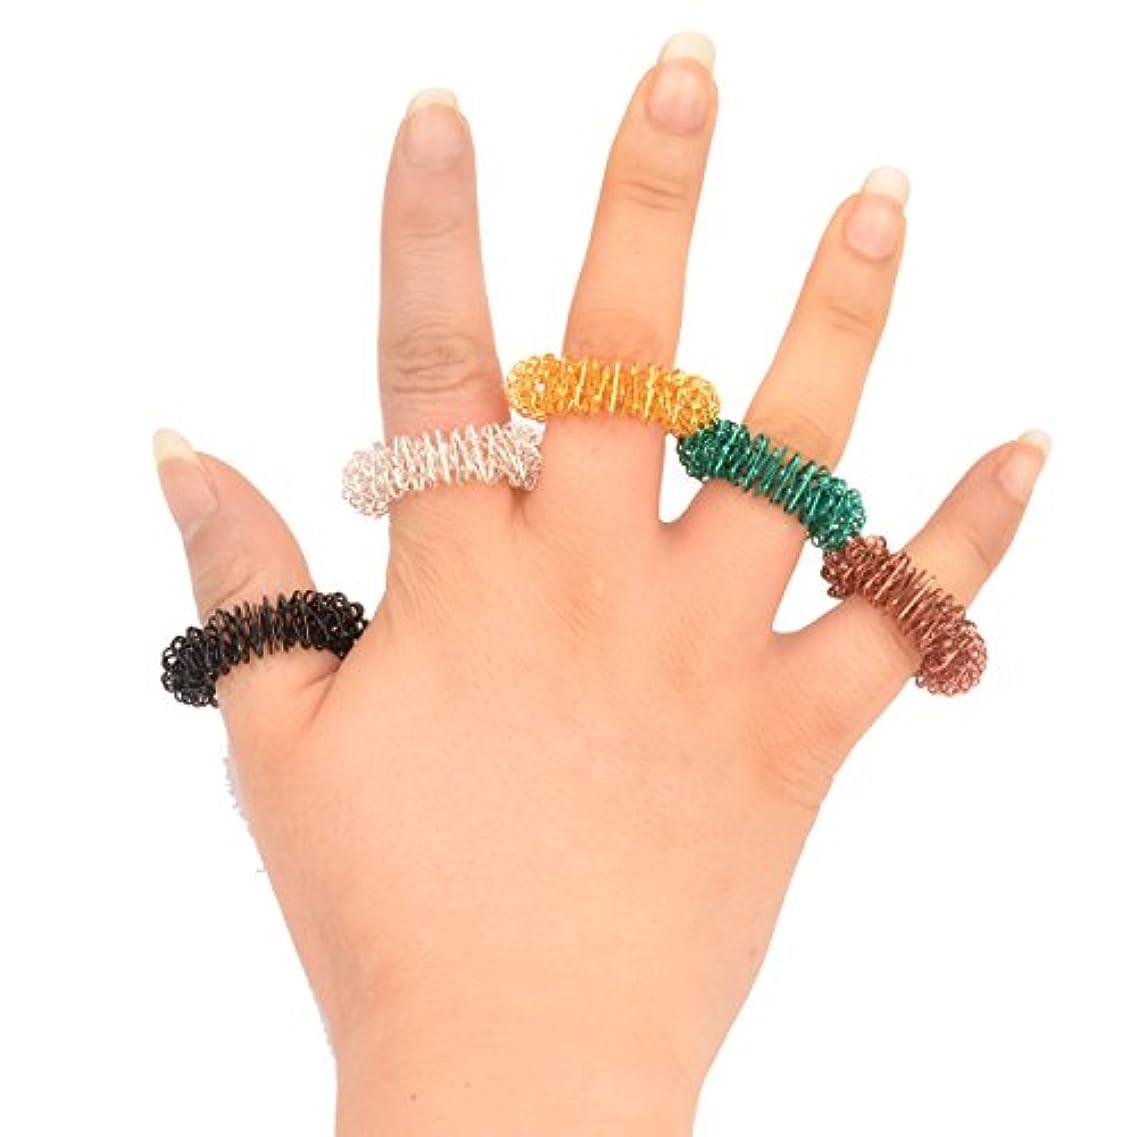 バックグラウンド大胆な涙(Ckeyin) マッサージリング 5個入り 爪もみリング 色はランダムによって配送されます (5個)